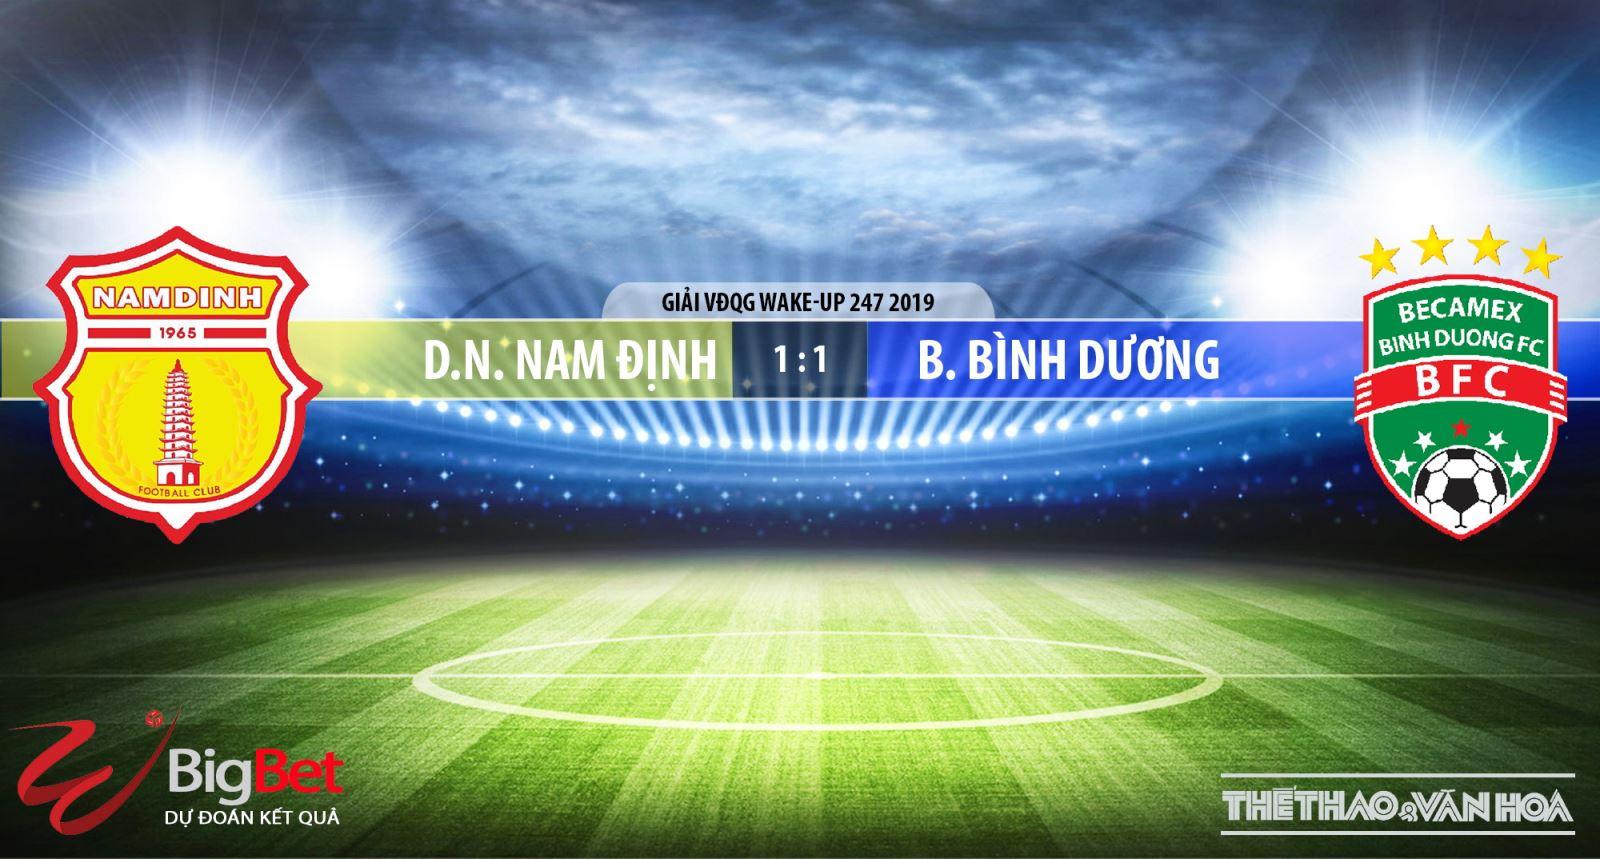 VTC3, Nam Định, truc tiep bong da, trực tiếp bóng đá, Nam Dinh vs Becamex Binh Duong, Bình Dương, truc tiep Nam Định, VLeague 2019, xem bong da truc tuyen